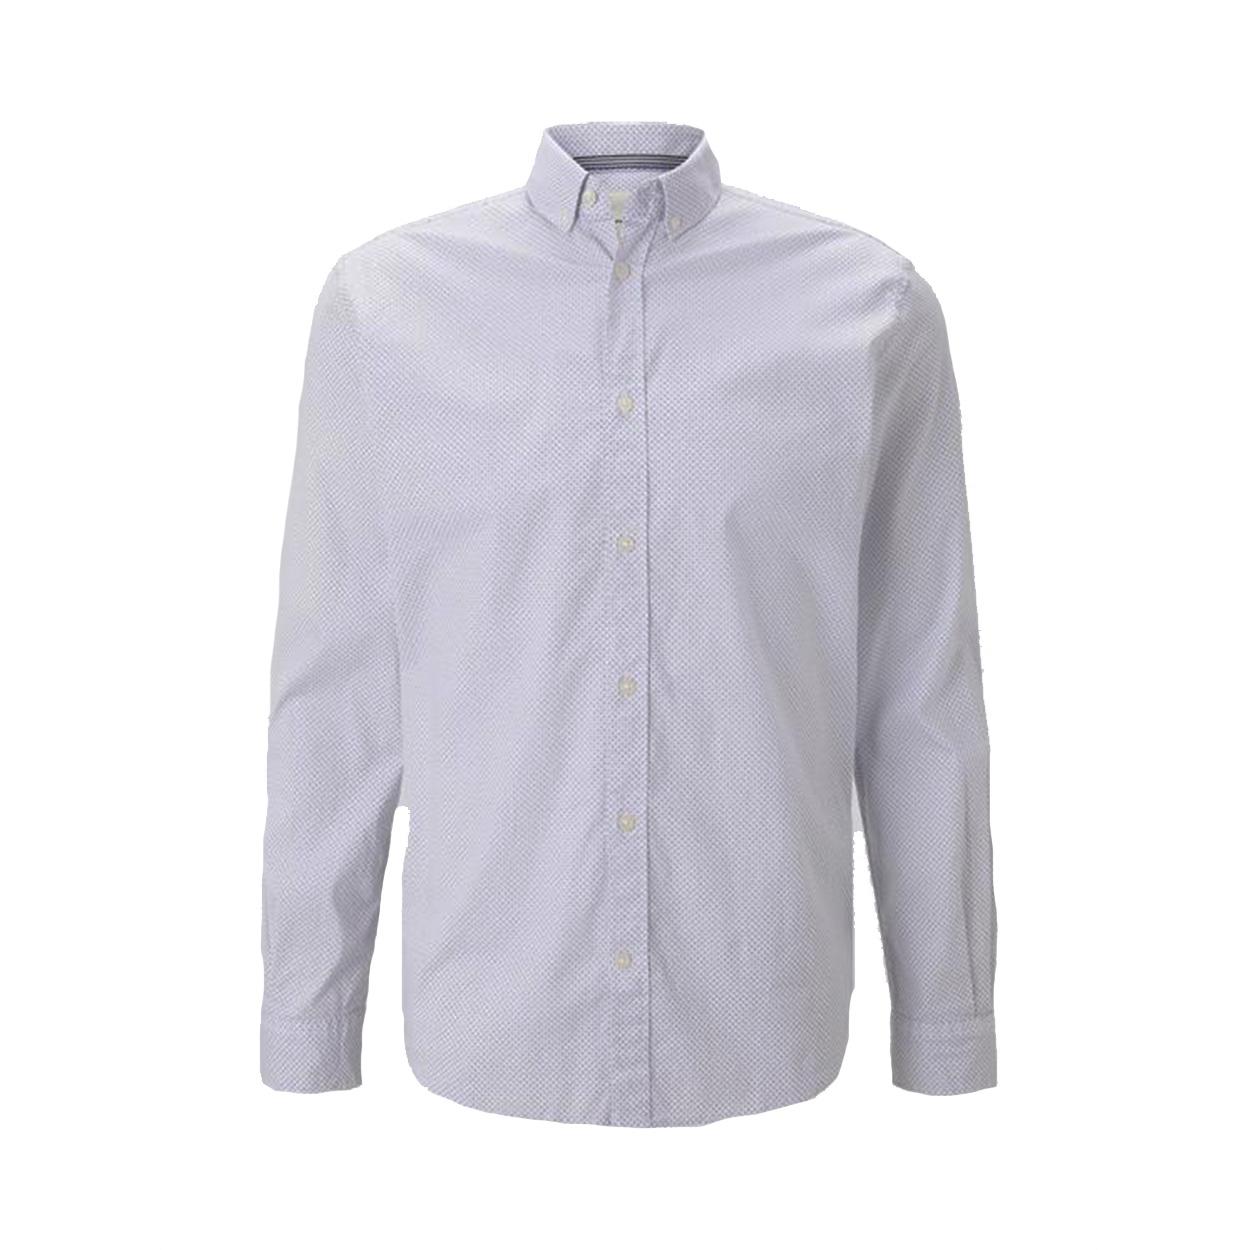 Chemise ajustée  en coton stretch blanc à micros motifs noirs et bleus